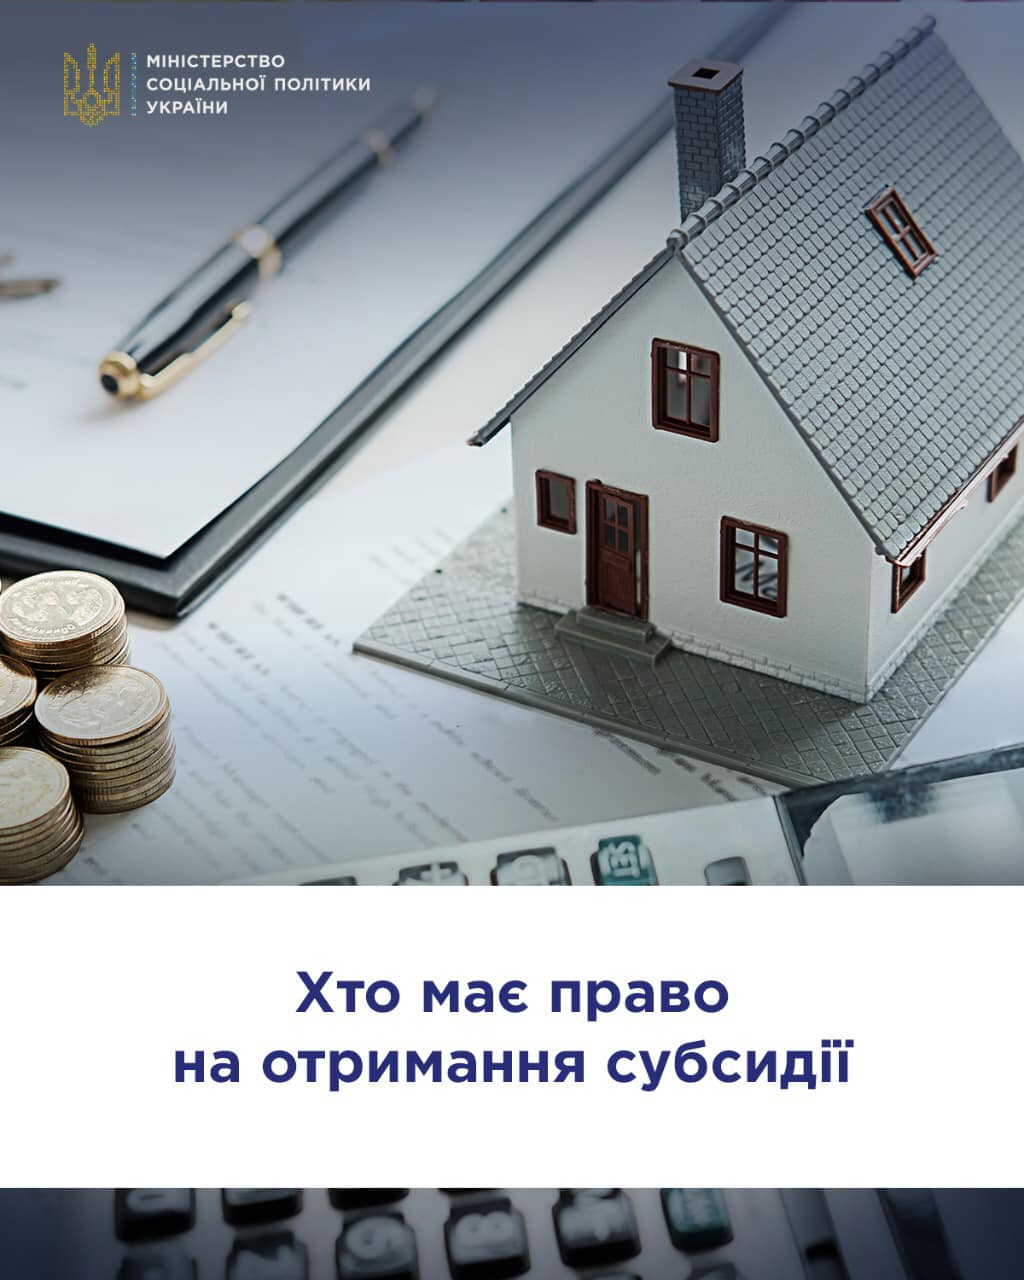 Хто має право на отримання субсидії